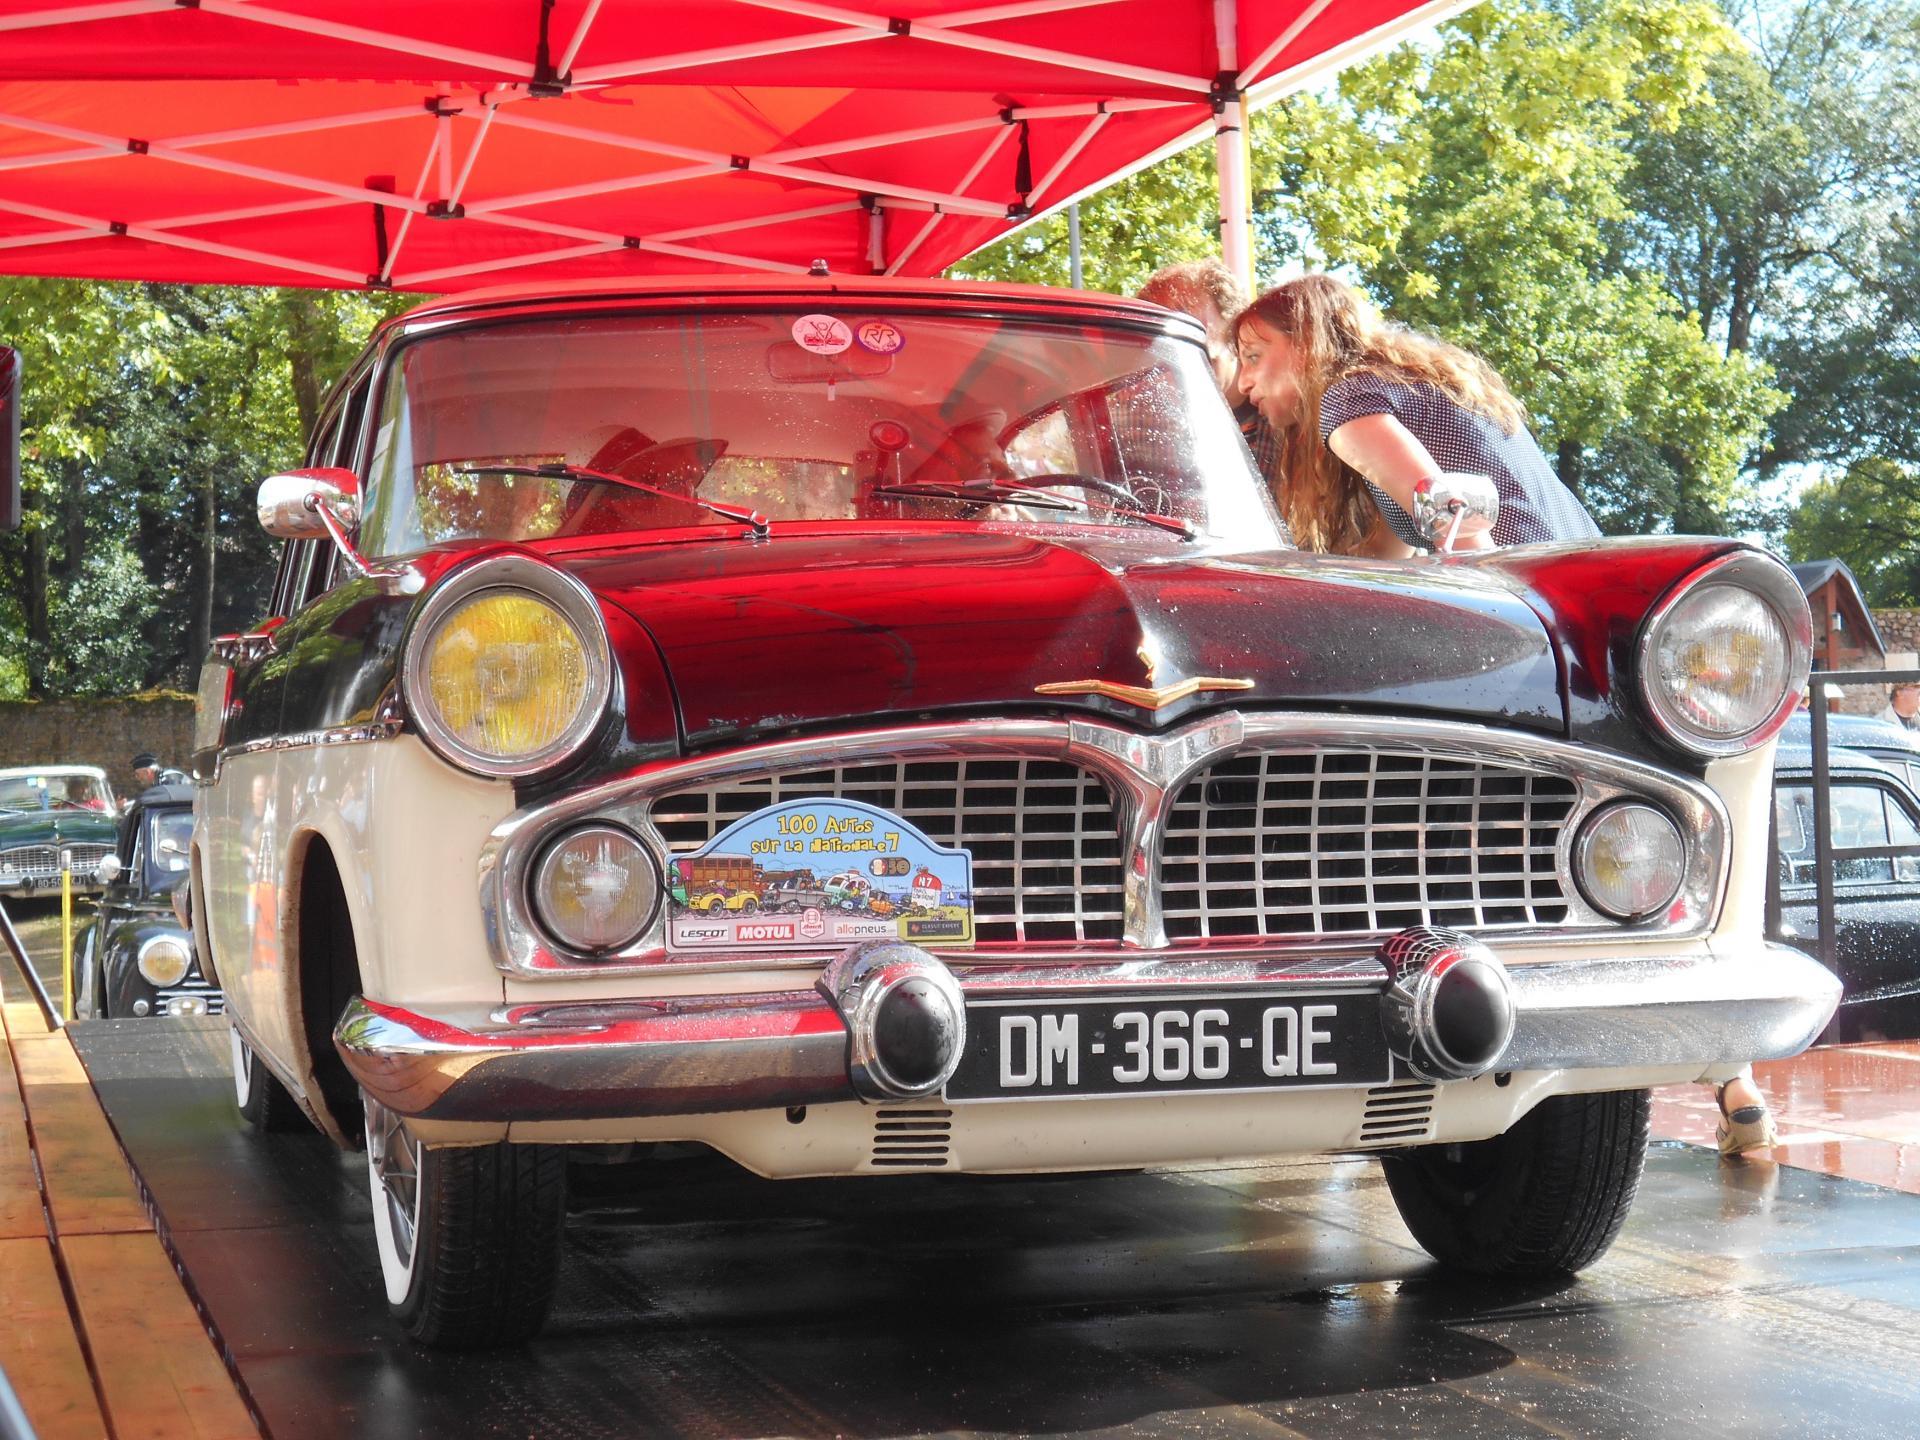 juillet 2017 - 100 voitures sur la RN7